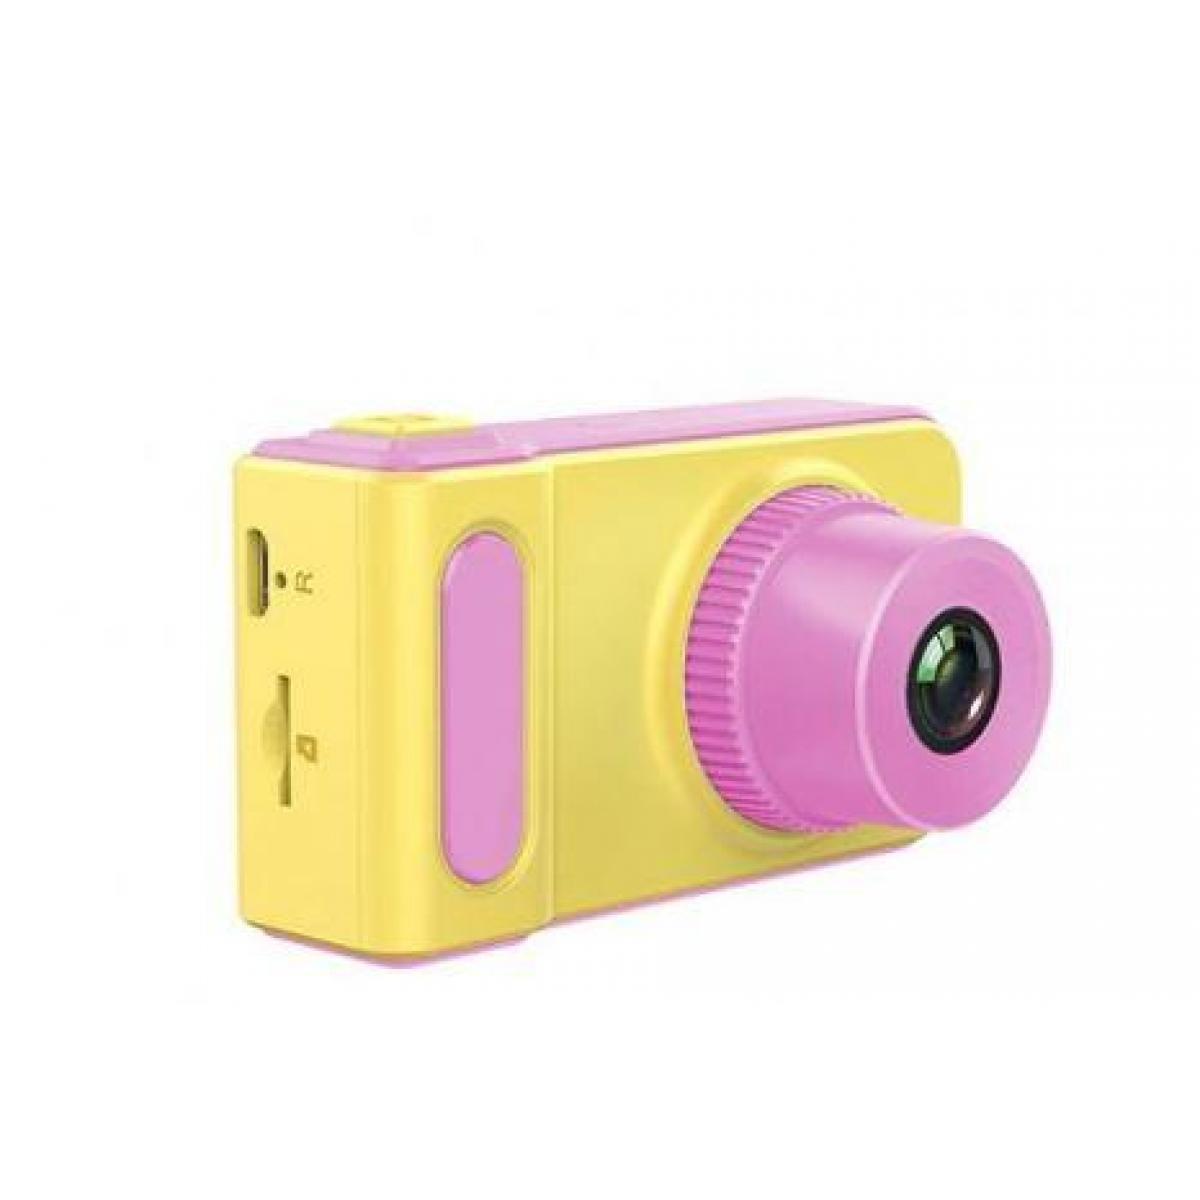 Фотоаппарат детский Photo Camera Kids V7 5369